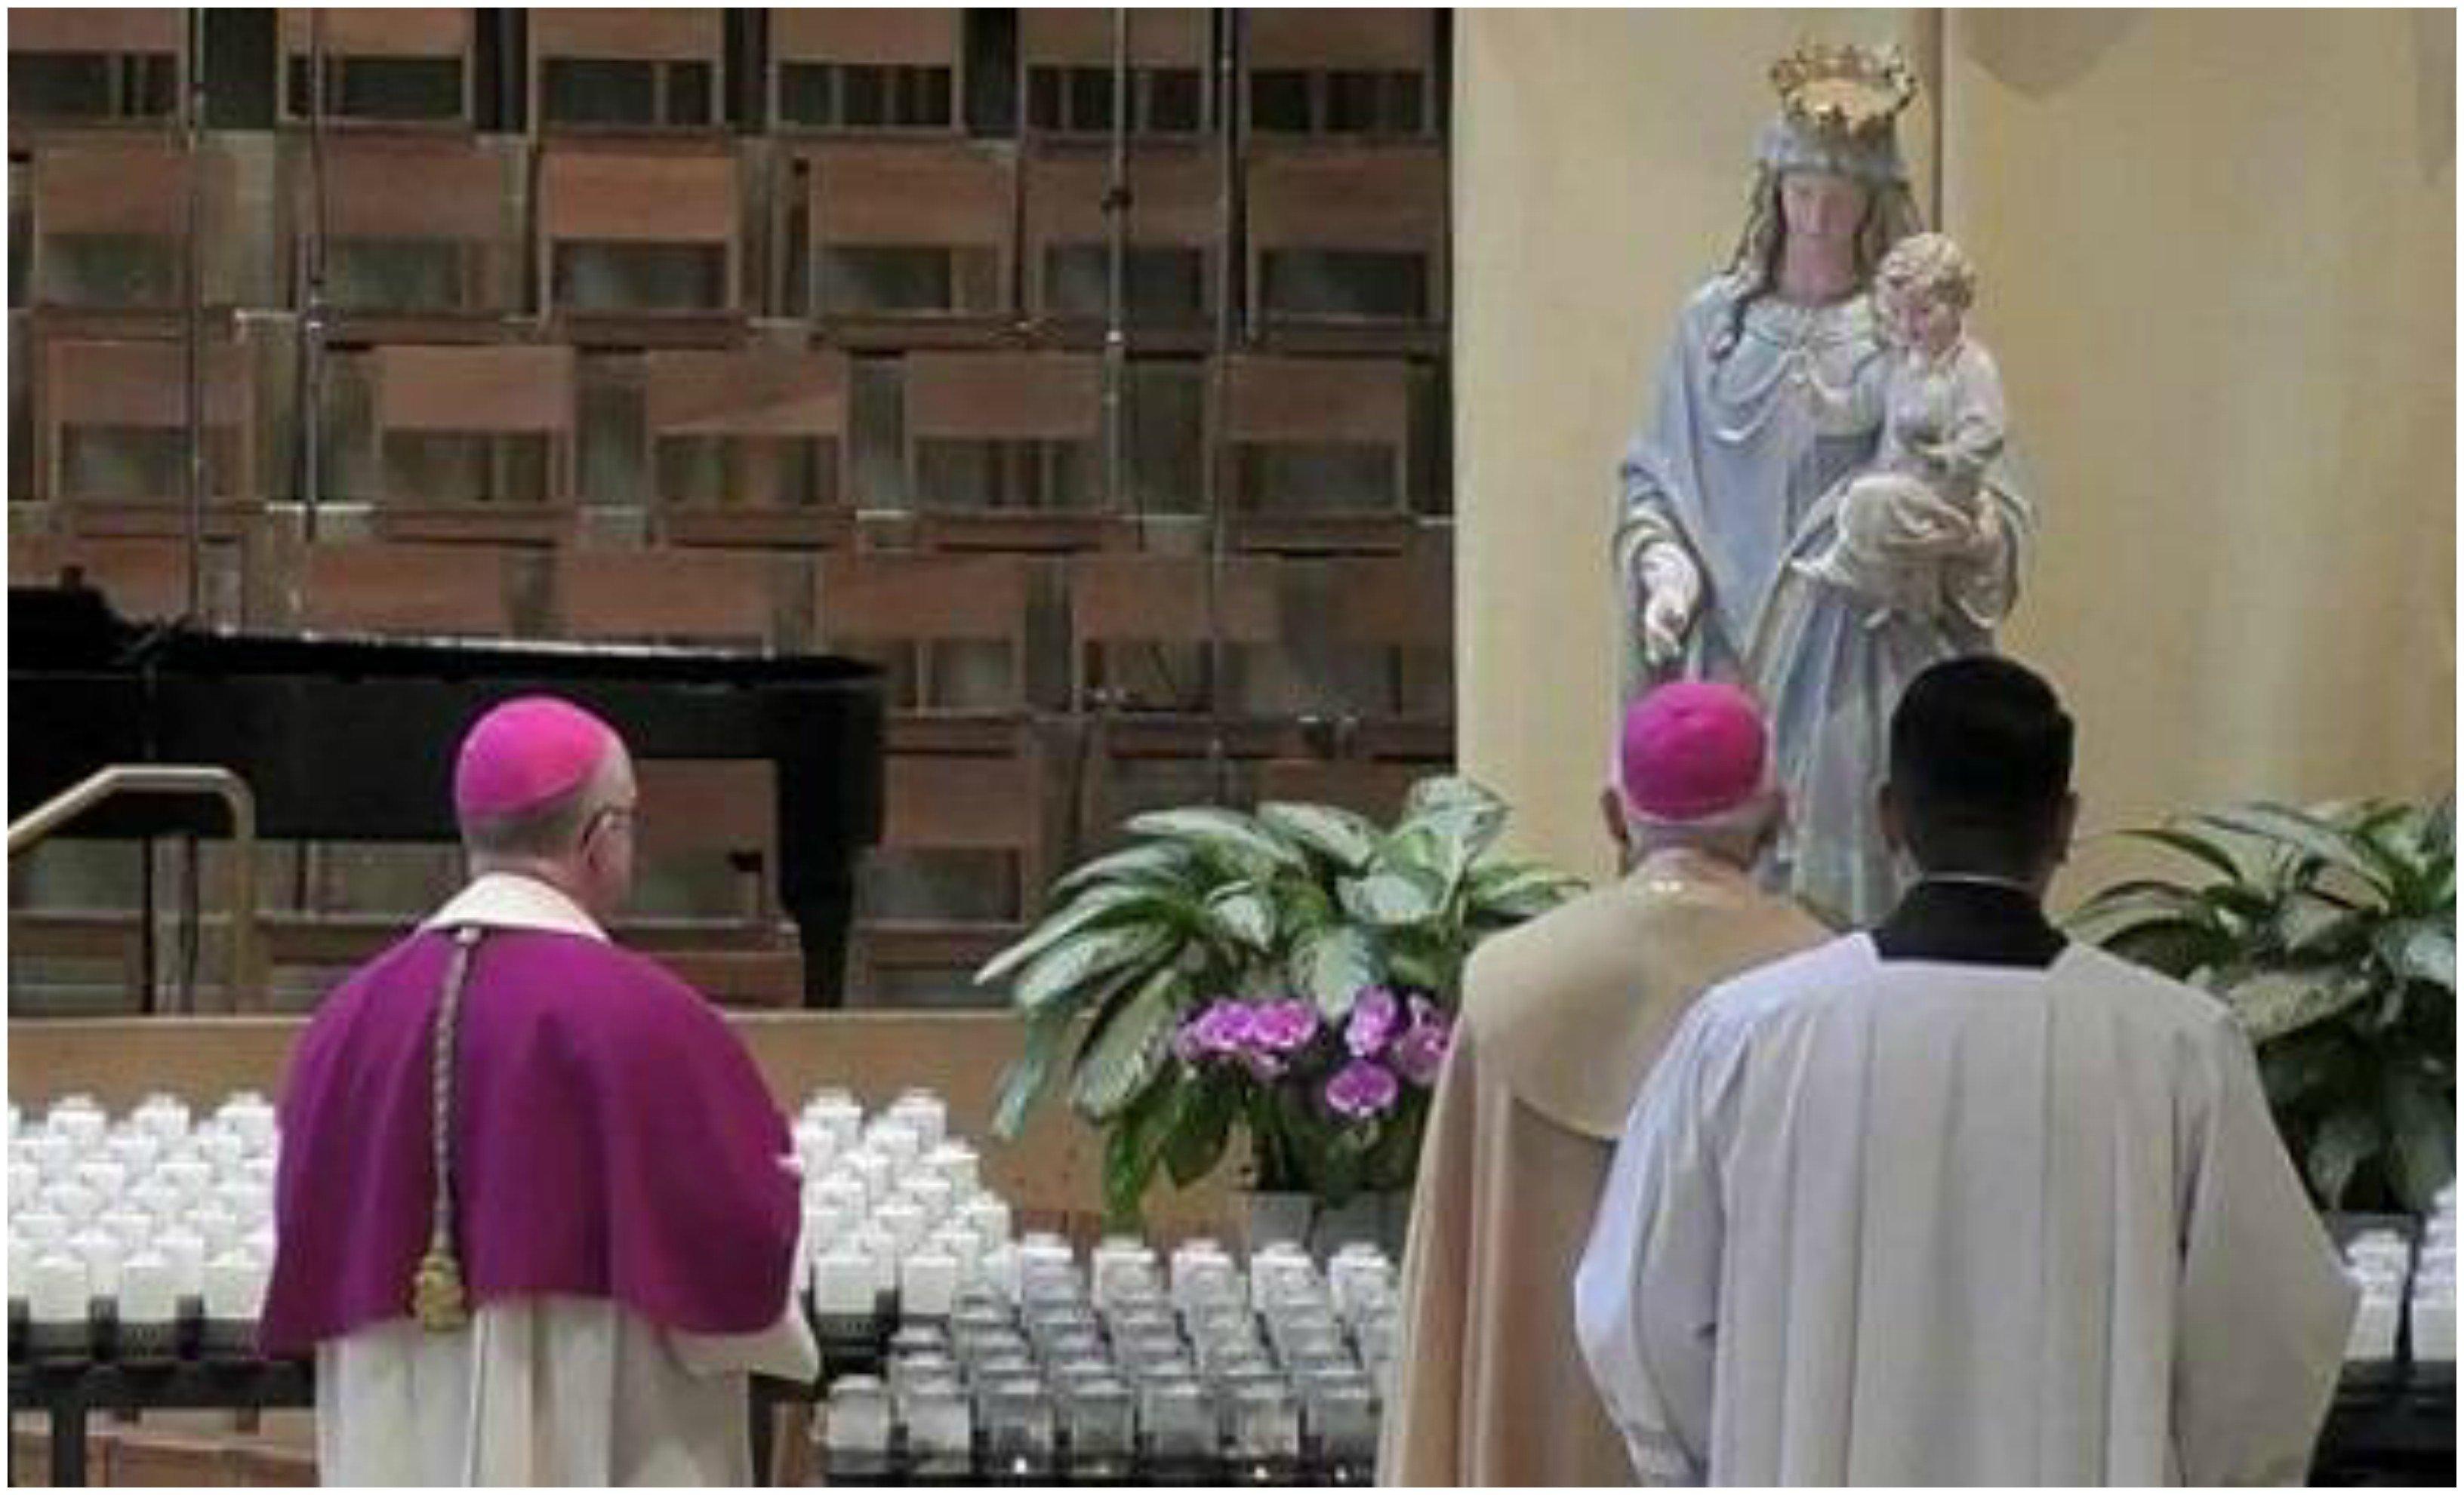 Contra el coronavirus, el arzobispo Gómez, en nombre de los obispos de EEUU, consagra el país a la Virgen María